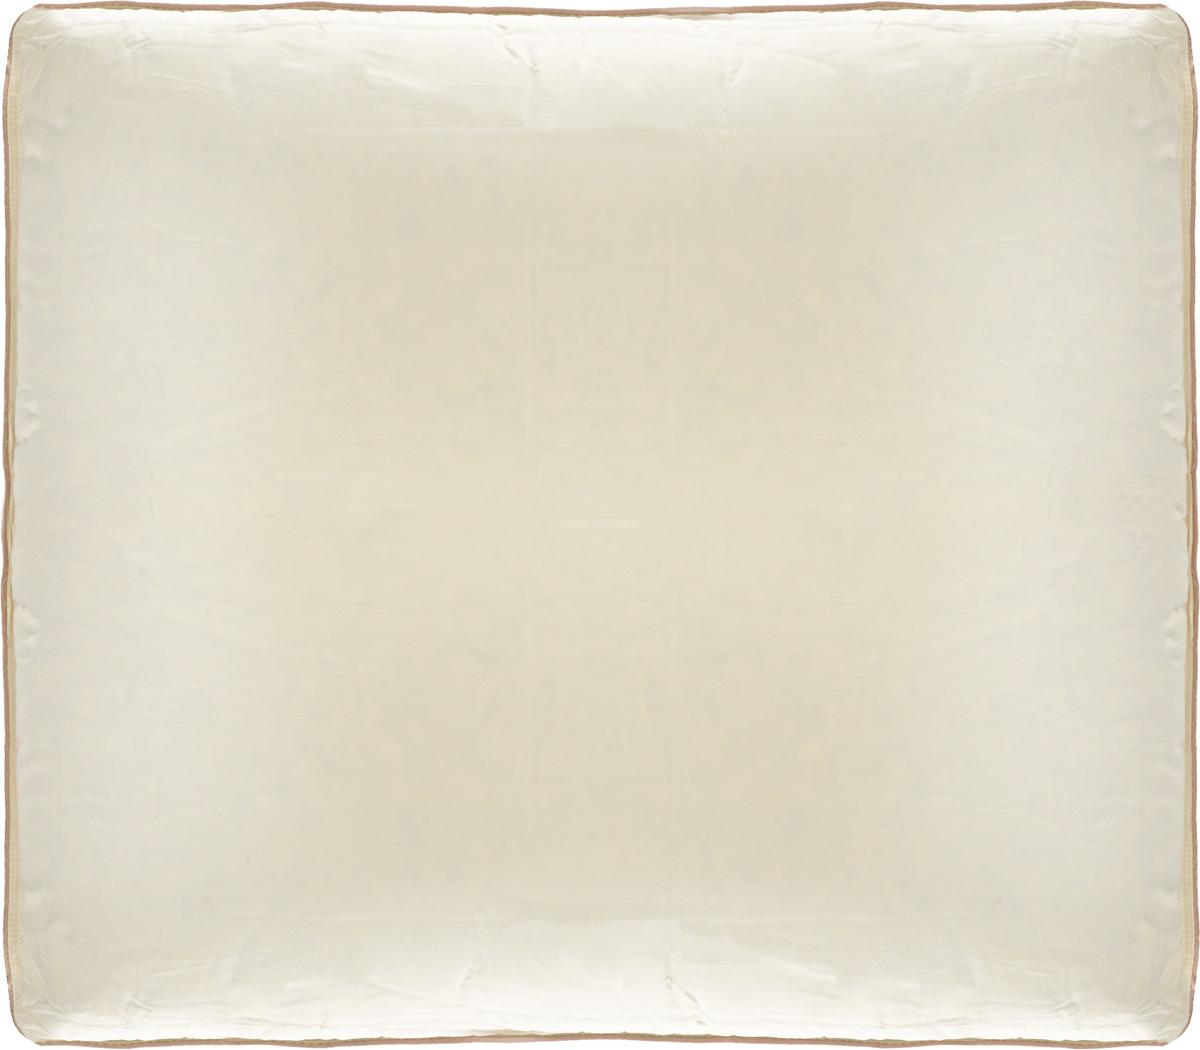 Подушка Легкие сны Sandman, наполнитель: гусиный пух категории Экстра, 68 x 68 см77(15)05-ЛДПодушка Легкие сны Sandman поможет расслабиться, снимет усталость и подарит вам спокойный и здоровый сон. Наполнителем этой подушки является воздушный и легкий серый пух сибирского гуся категории Экстра. Чехол выполнен из батиста (100% хлопок). По краю подушки выполнена отделка кантом. Это отличный вариант для подарка себе и своим близким и любимым. Рекомендации по уходу: Деликатная стирка при температуре воды до 30°С. Отбеливание, барабанная сушка и глажка запрещены. Разрешается обычная химчистка. Степень поддержки: средняя.